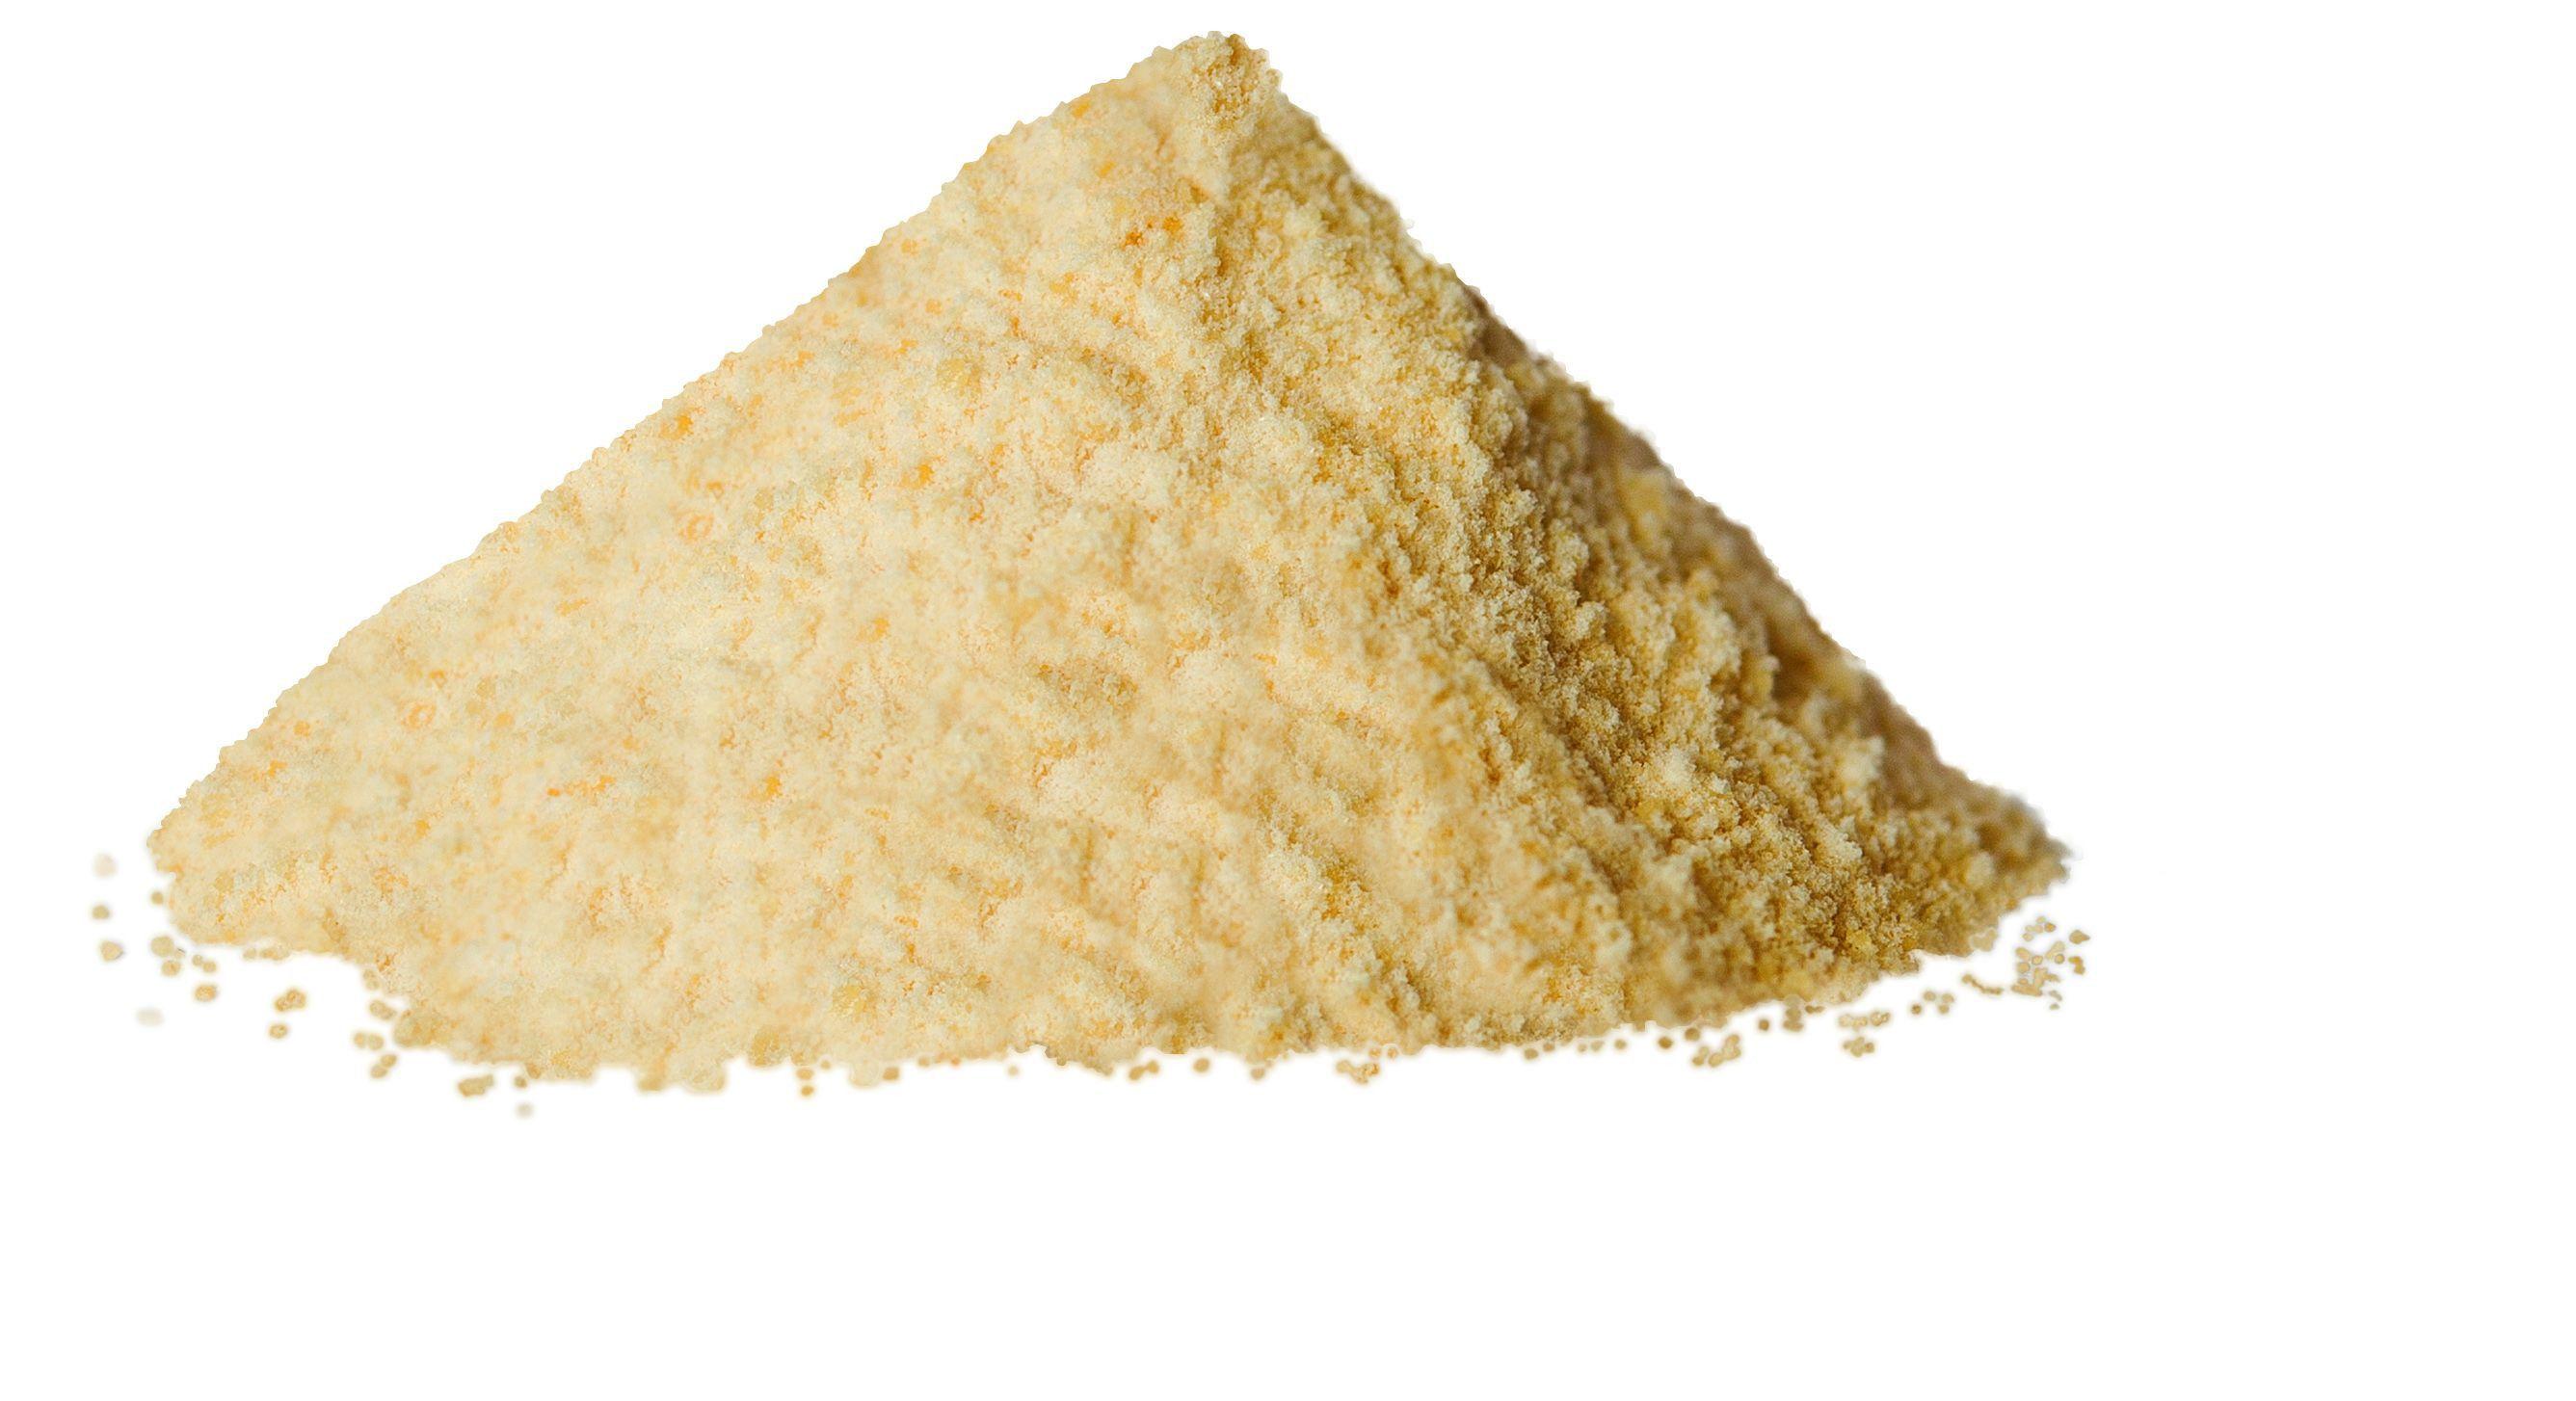 Manuka Powder